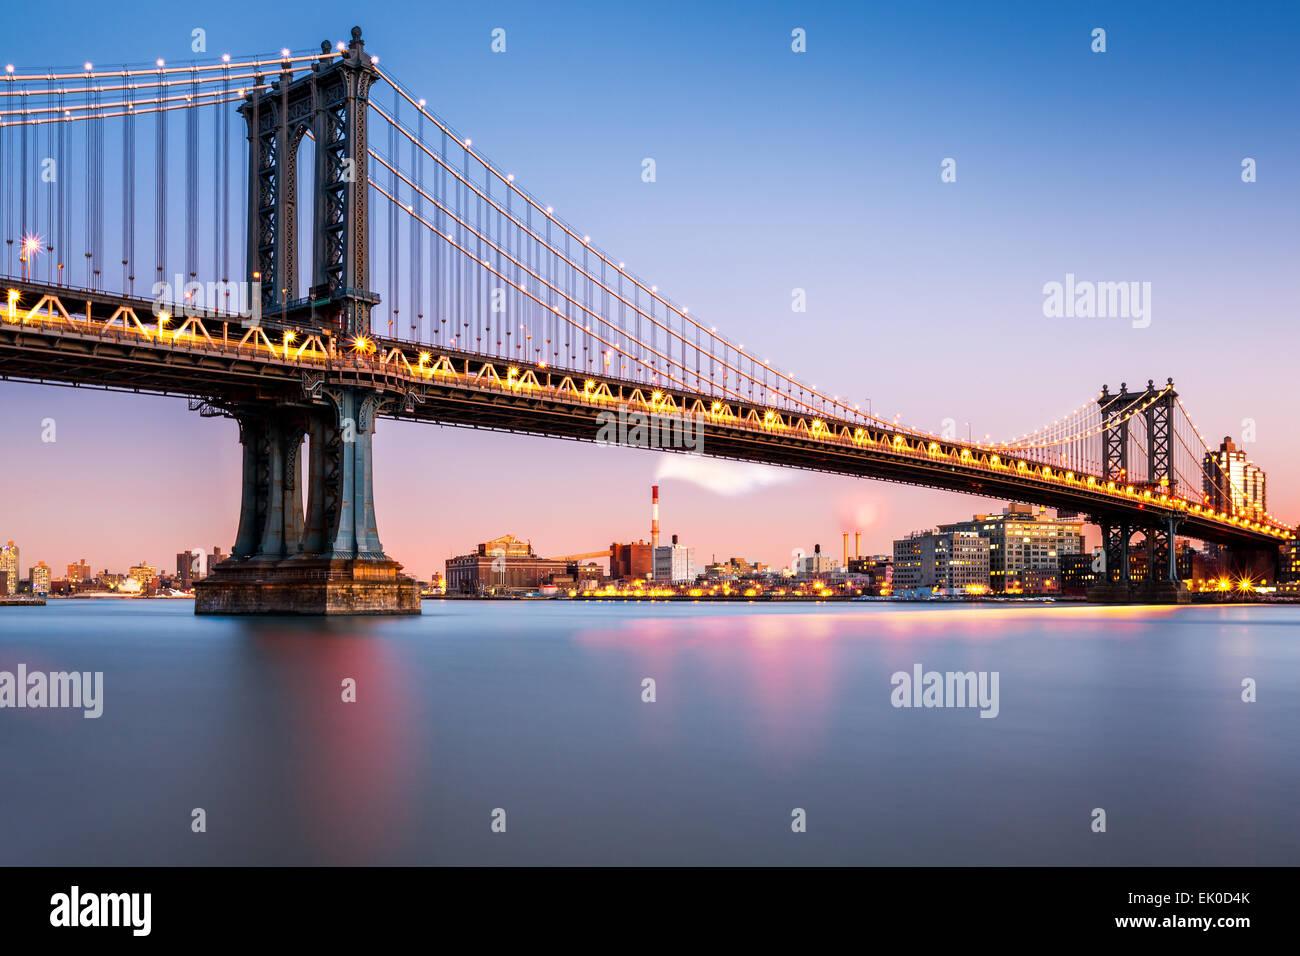 Pont de Manhattan illuminée au crépuscule (très longue exposition pour une eau parfaitement lisse) Photo Stock